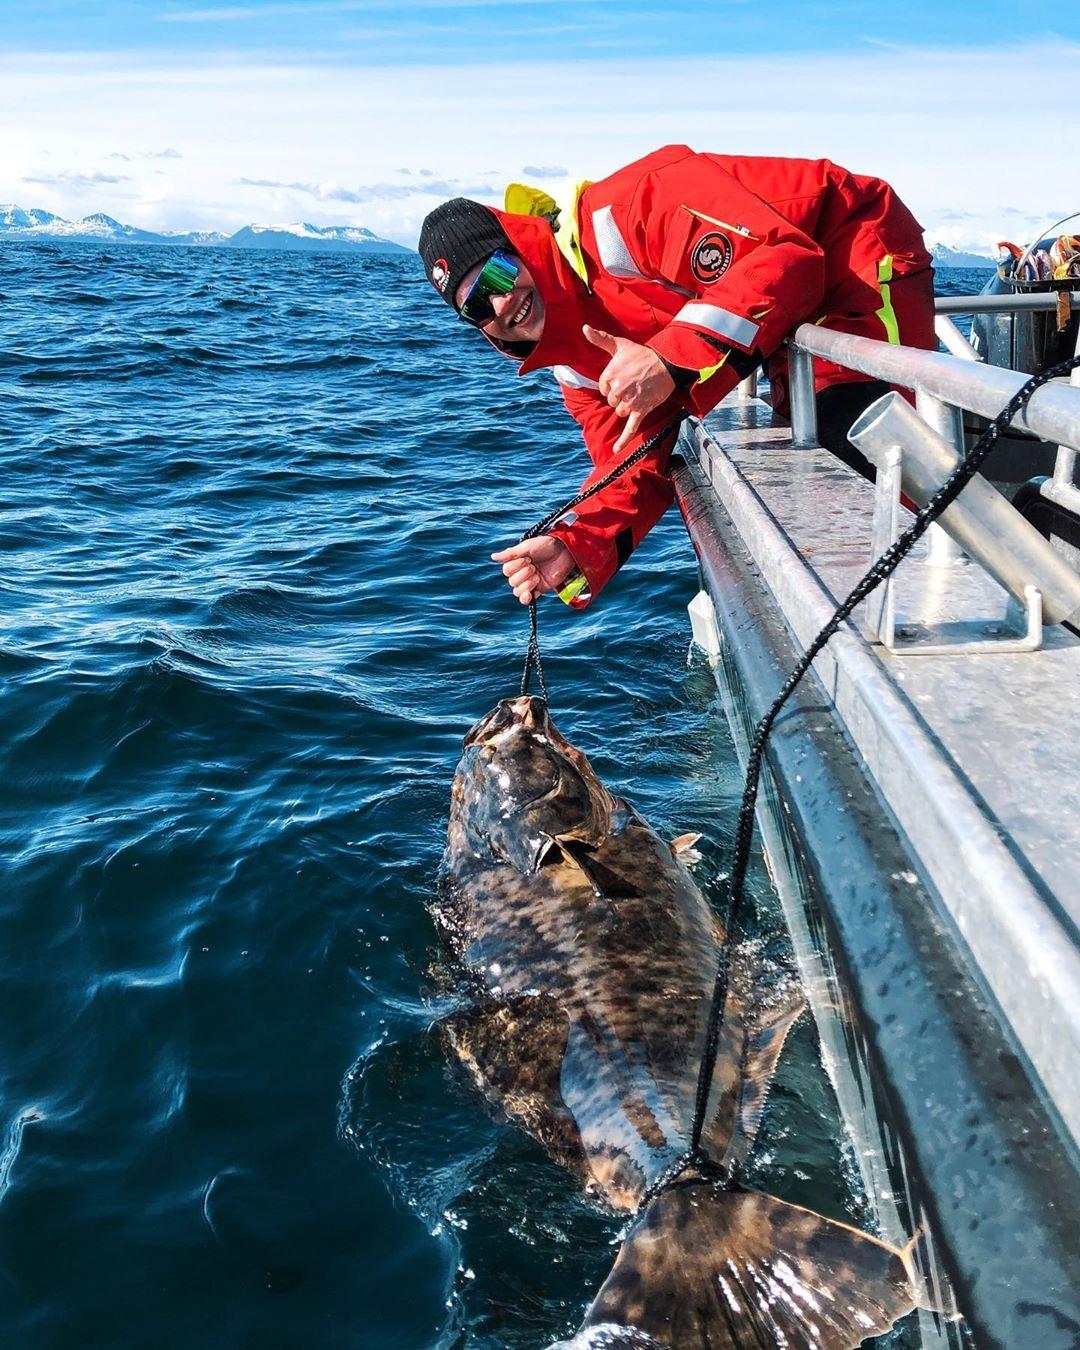 男子釣到「眼睛佔身體一半」的外星怪魚 專家揭開「3億年前真相」網驚:是鯊魚的親戚?